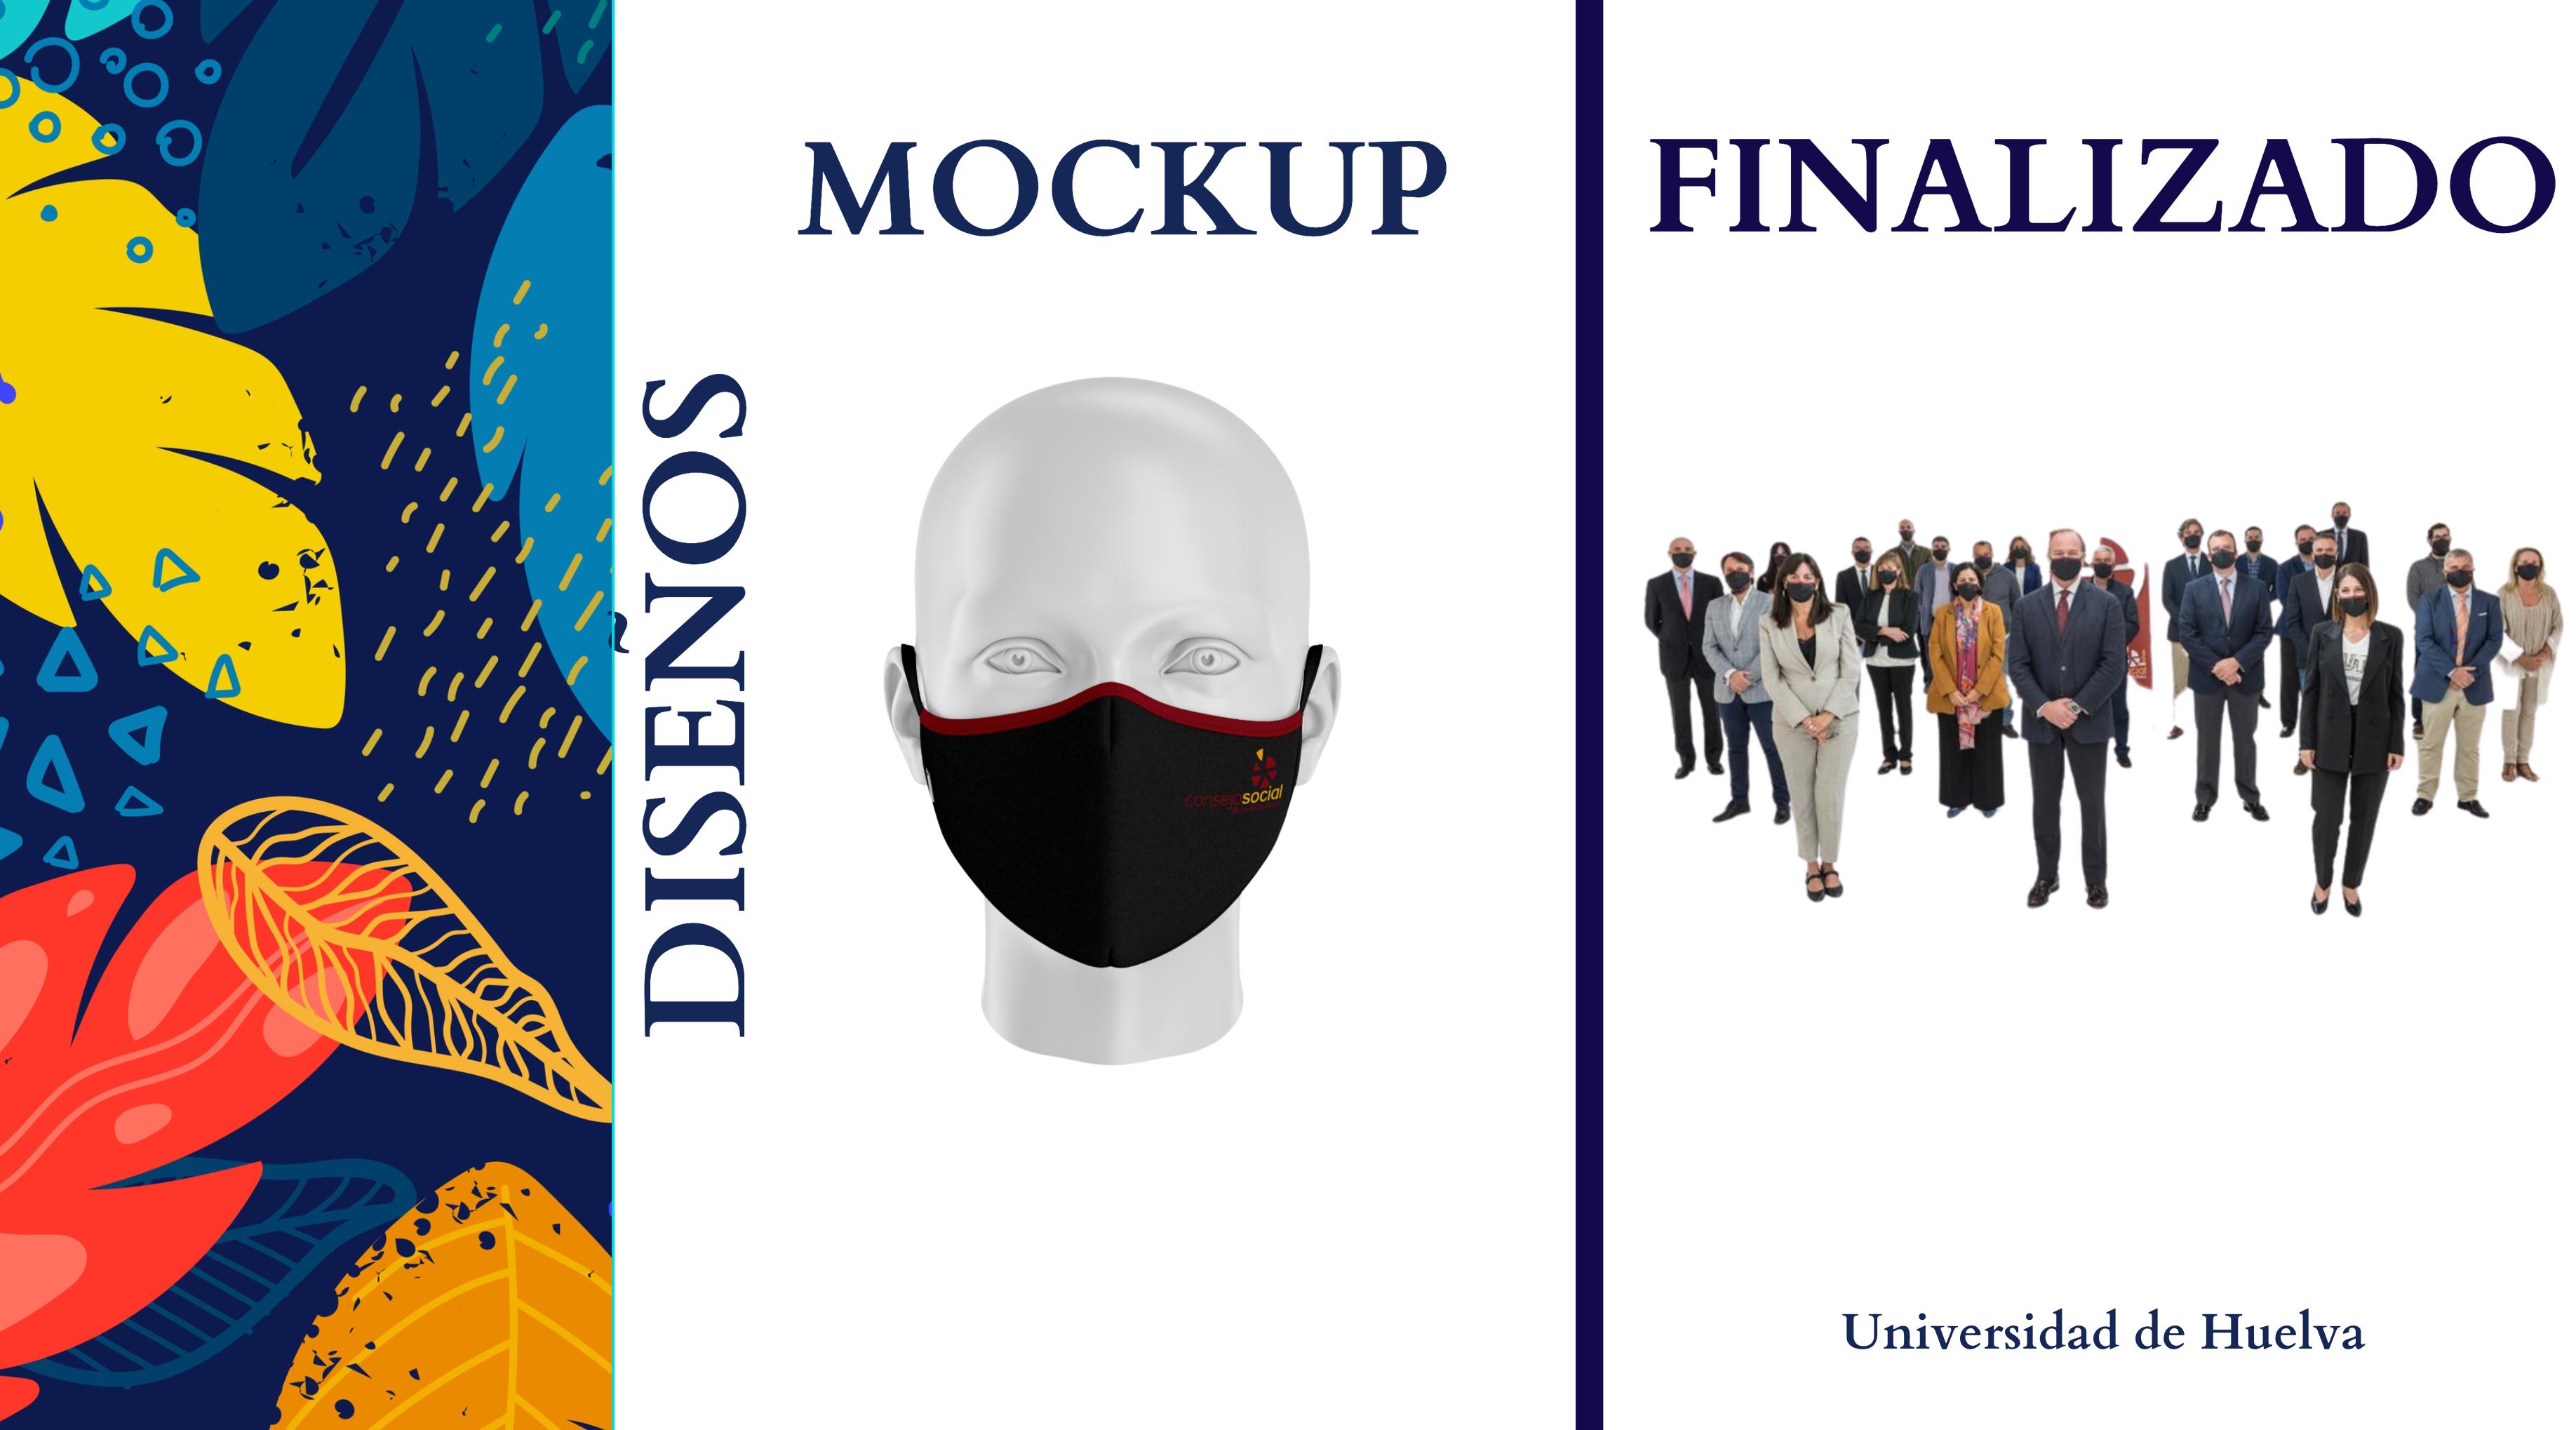 Mascarillas personalizadas empresas Universidad de Huelva